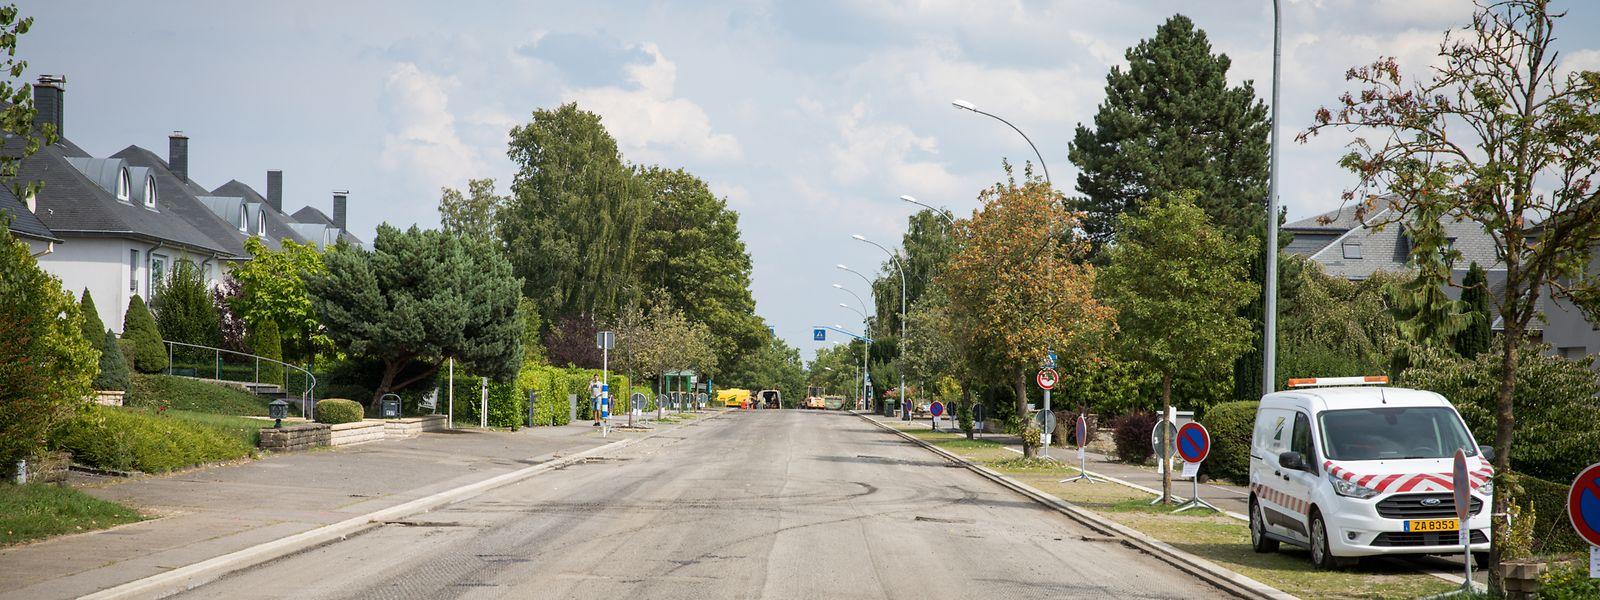 Lokales - Bürgerinitiative Dippach - Wiederstand gegen Arbeiten auf Hauptstraße in Dippach - Foto: Pierre Matgé/Luxemburger Wort